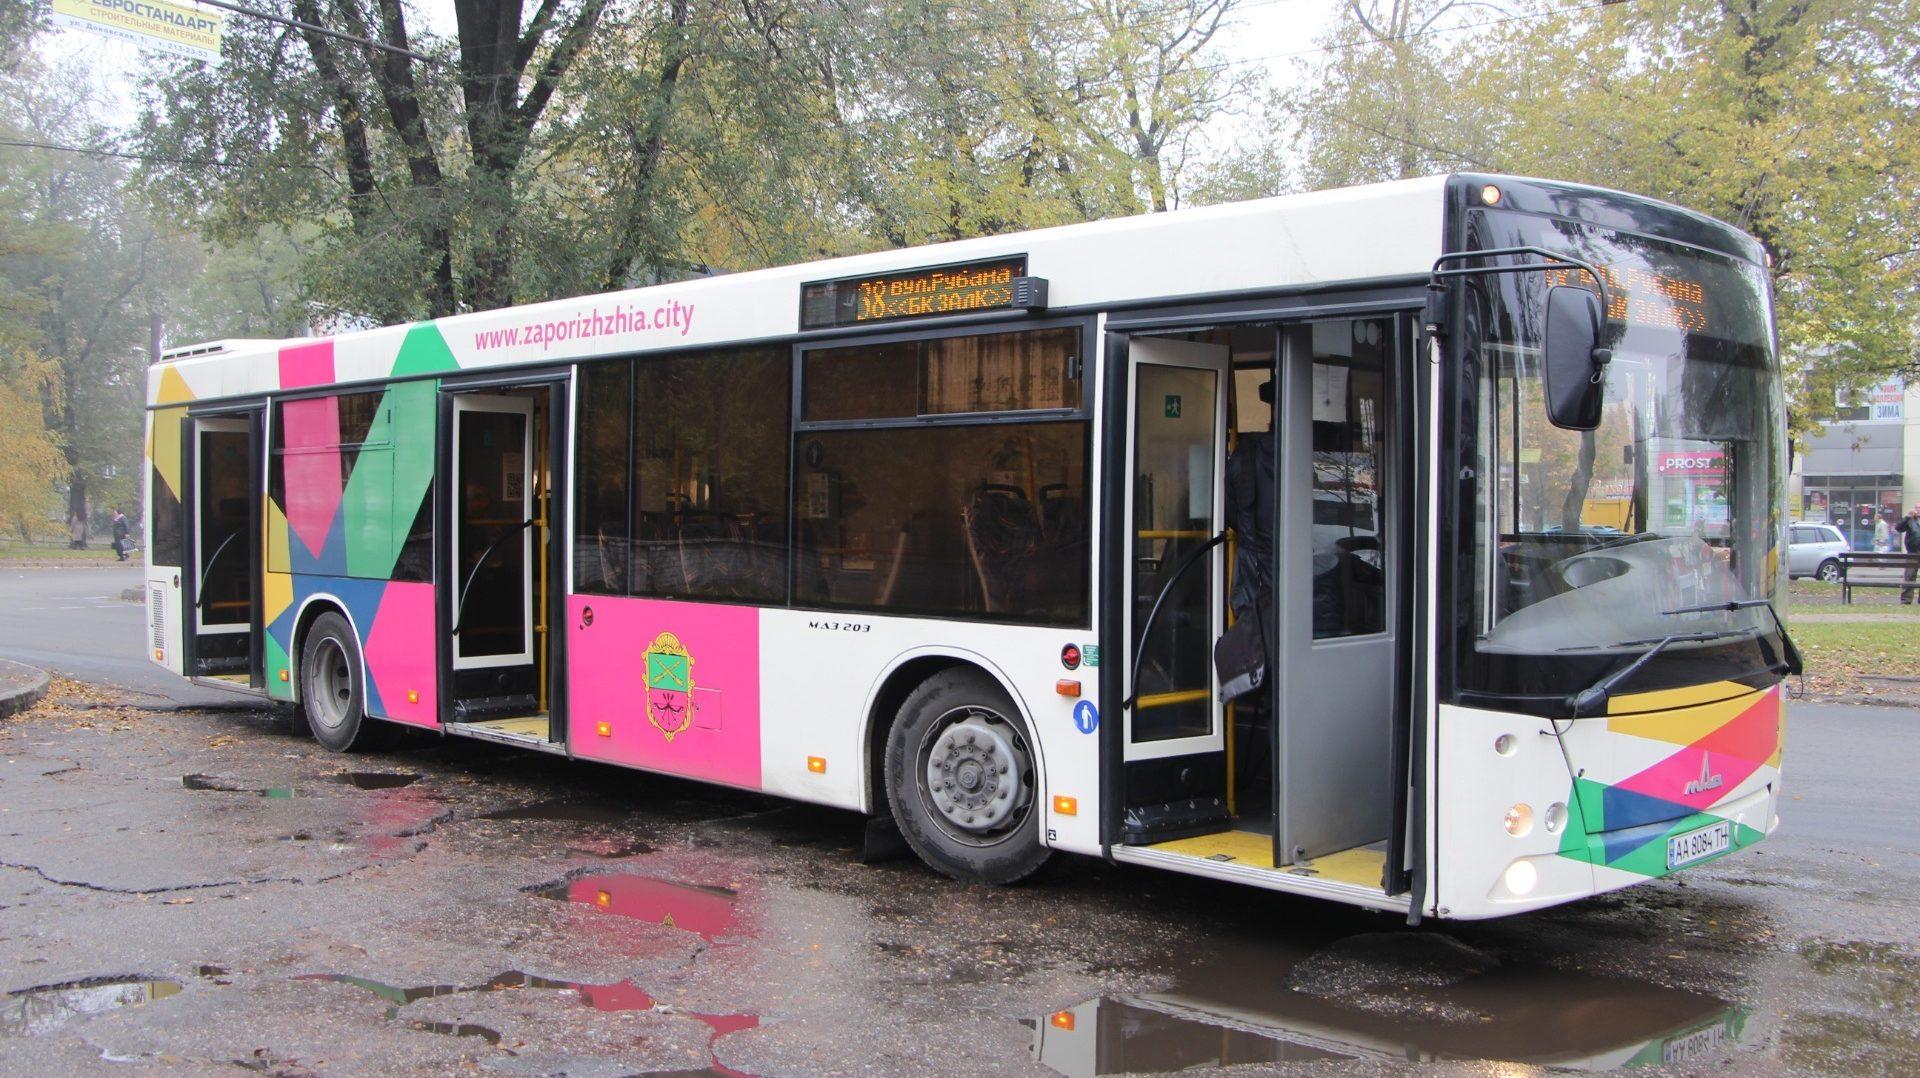 Увага: запорізький громадський транспорт змінить рух, — СХЕМА